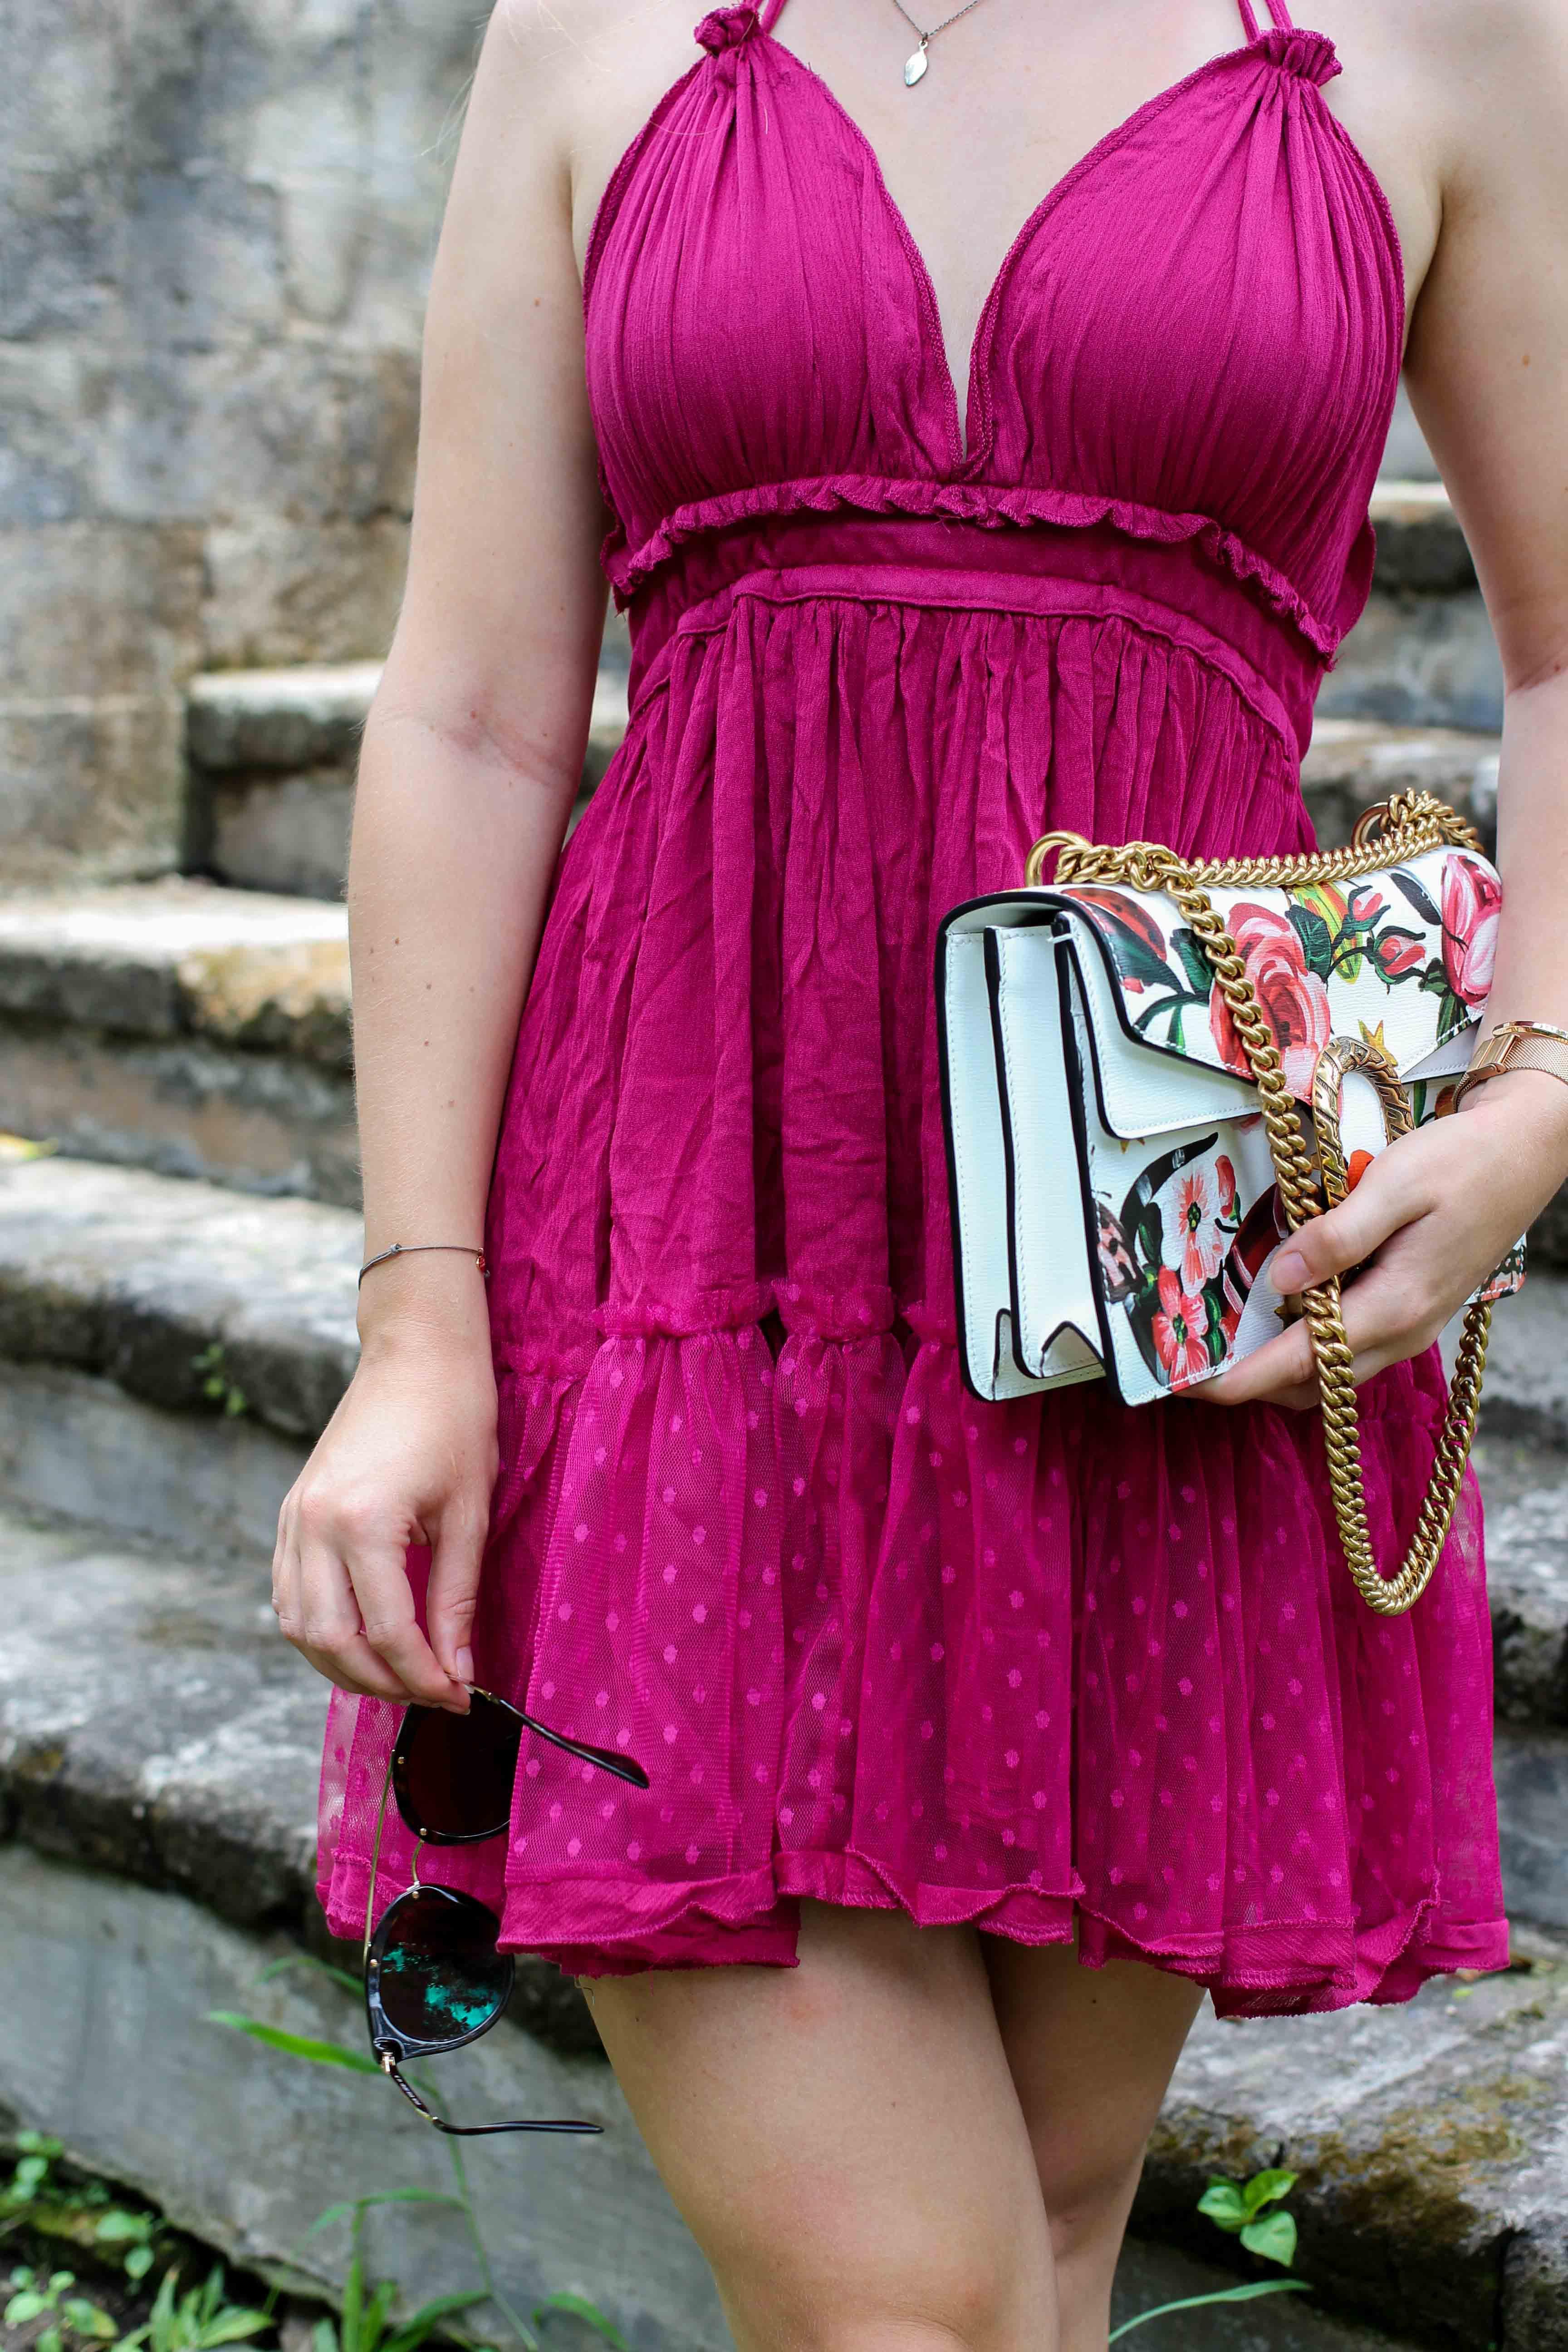 Pinkes Neckholder Kleid kombinieren Sommeroutfit Bali indonesien was tragen Modeblogger Gucci Dionysus garden print